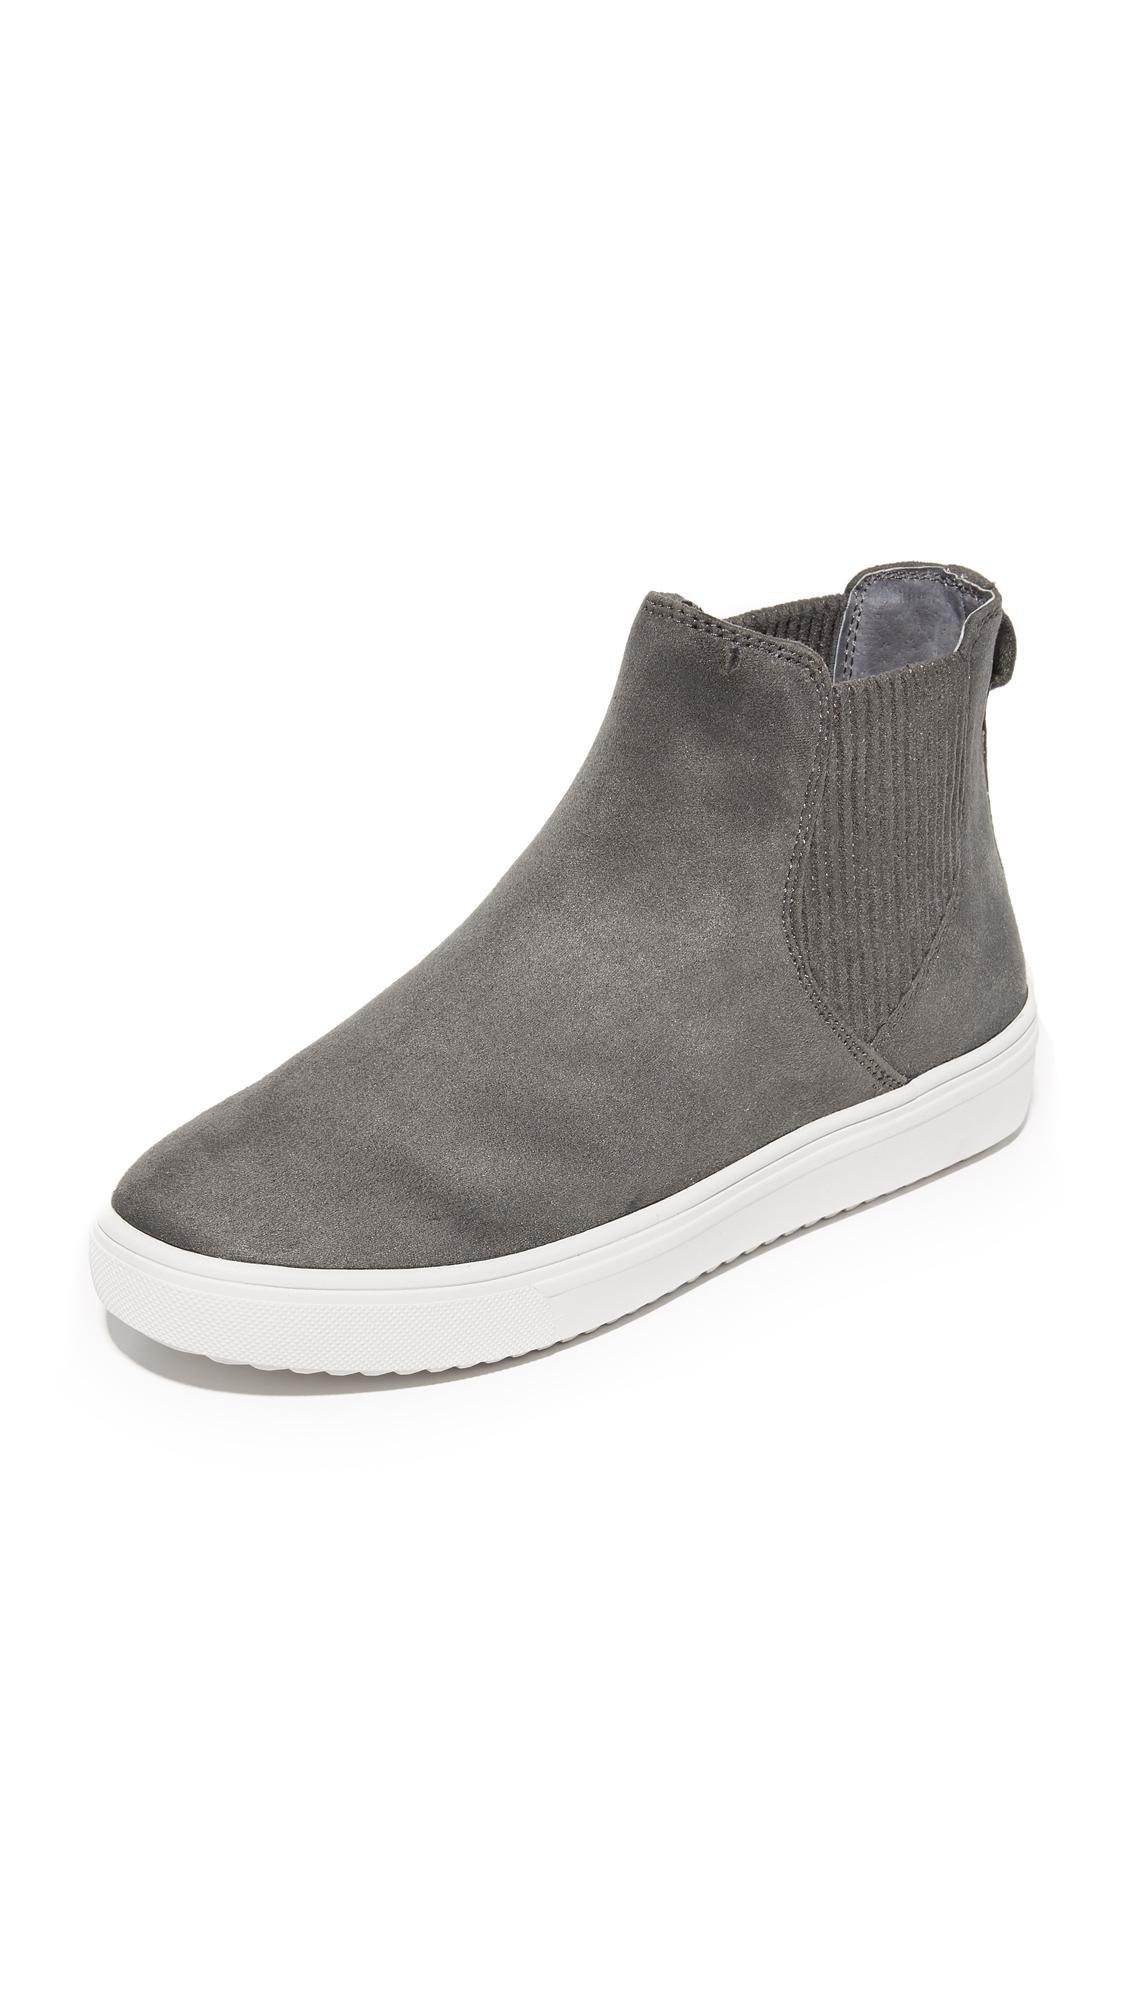 b99ef6a1d059 Lyst - Steven by Steve Madden Coal Platform Chelsea Sneakers in Gray